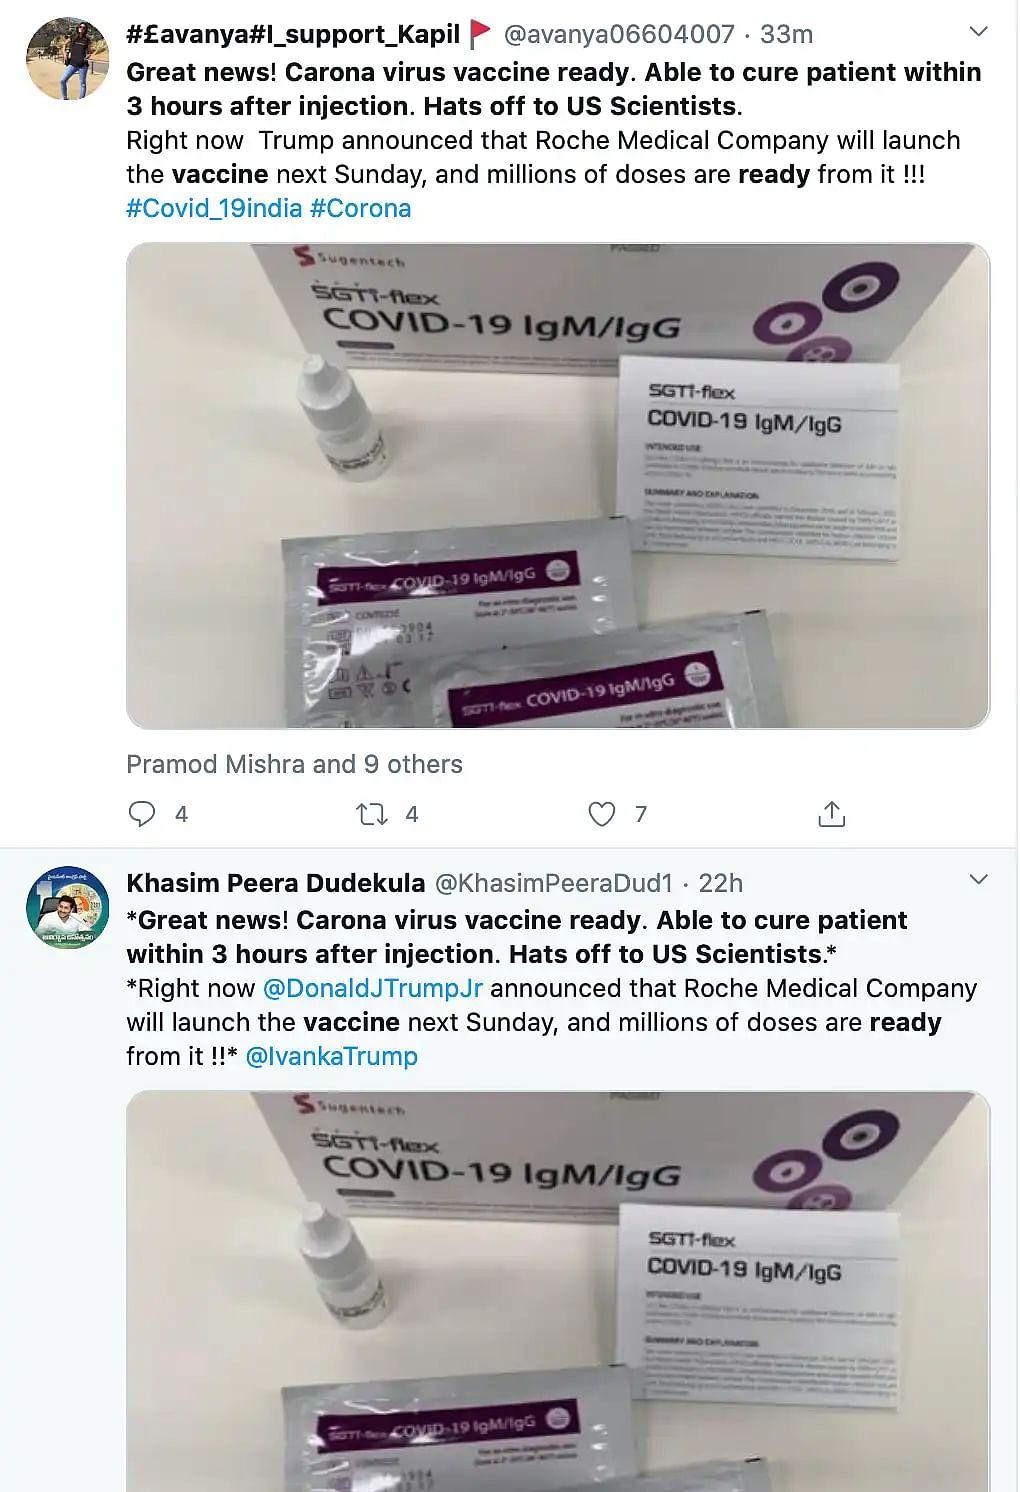 COVID-19 वैक्सीन तैयार,3 घंटे  में मरीज होंगे ठीक? फेक है ये न्यूज